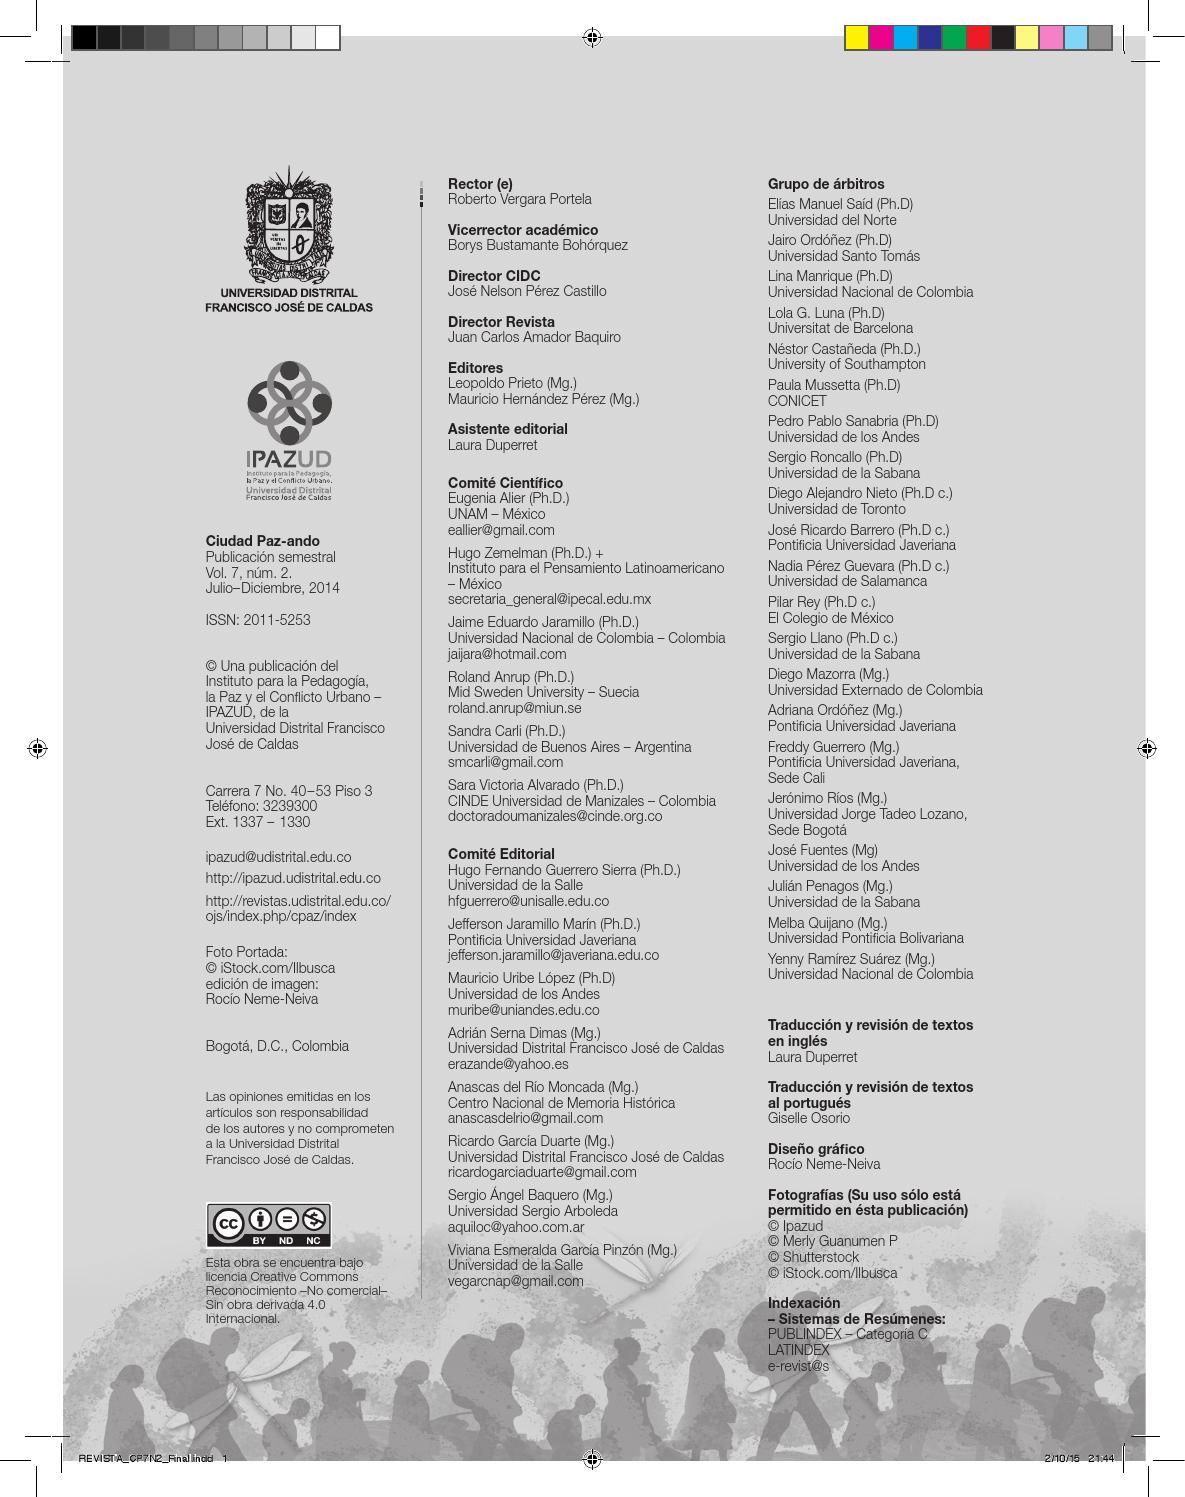 Revista ciudad Paz-ando Volumen 7 número 2 by Ipazud Udistrital - issuu